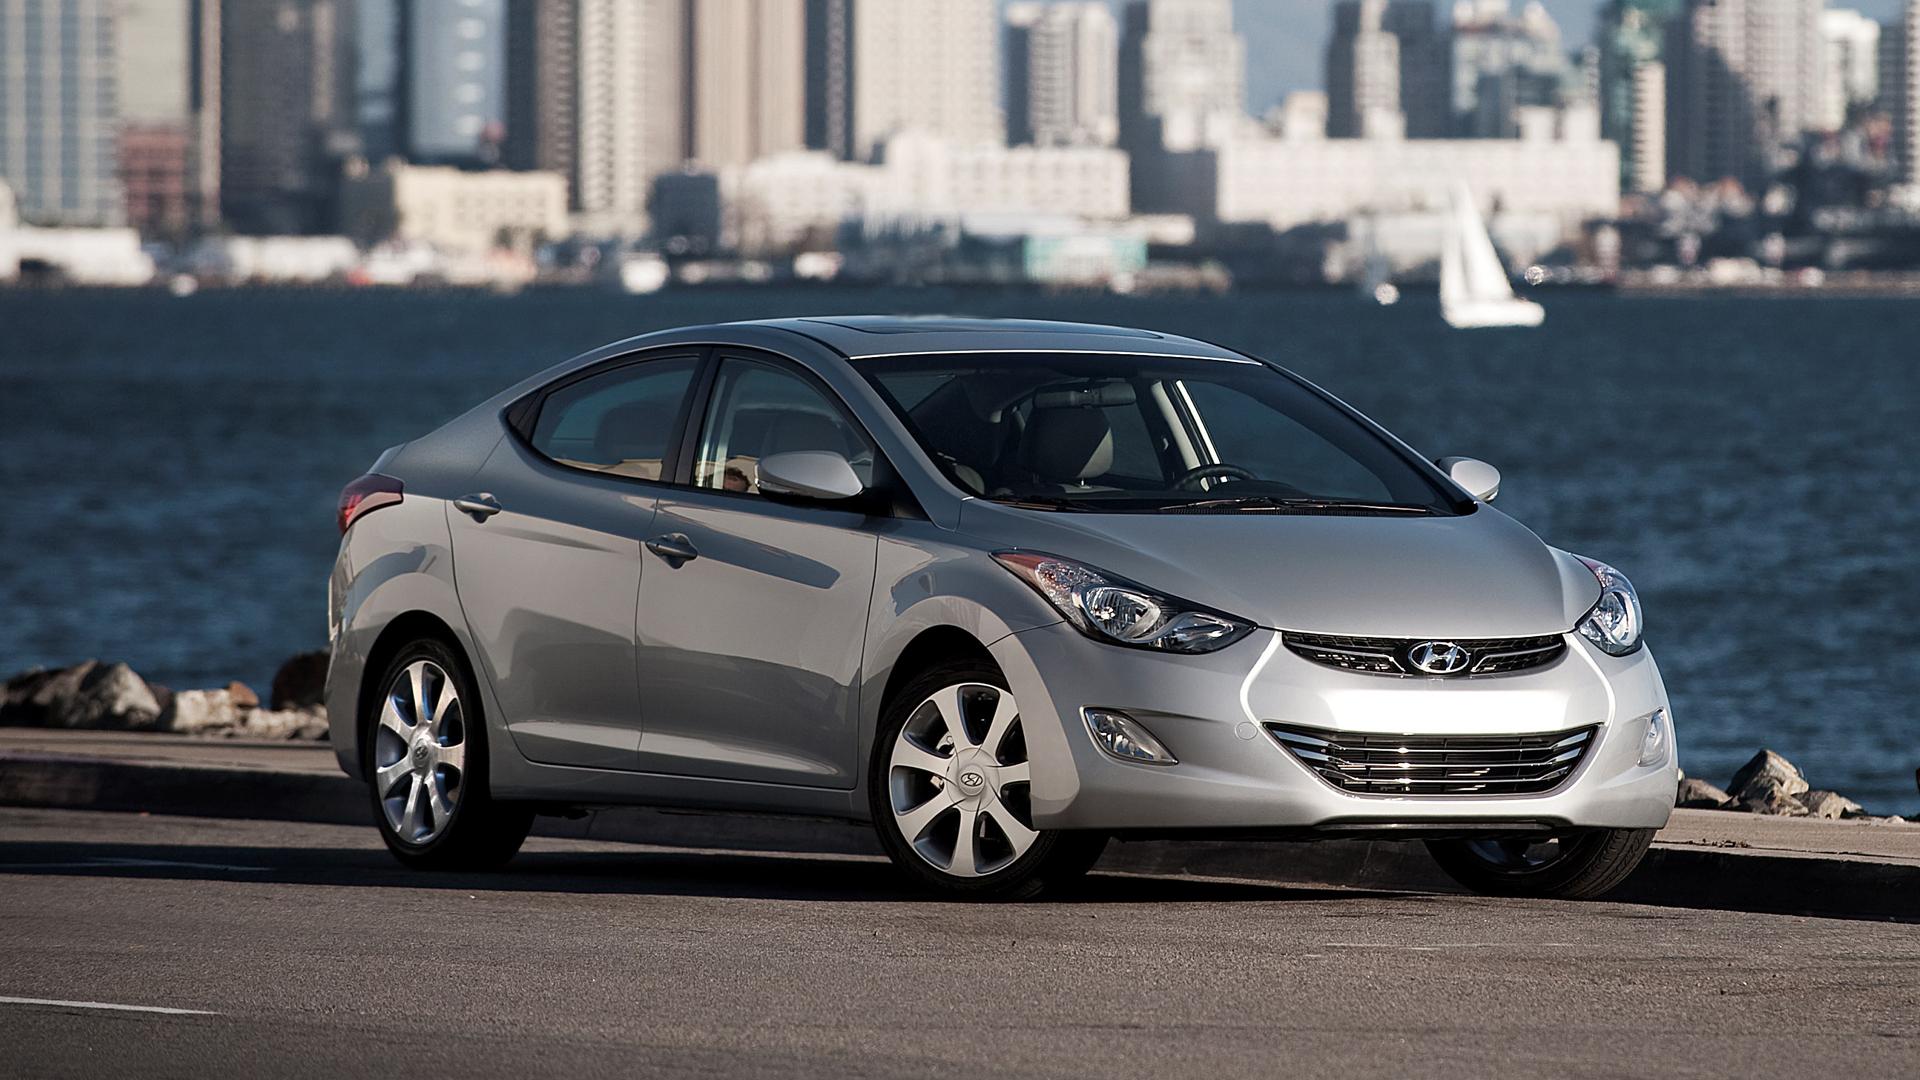 2013 Hyundai Elantra Recalled For Brake Lights That Don T Turn Off